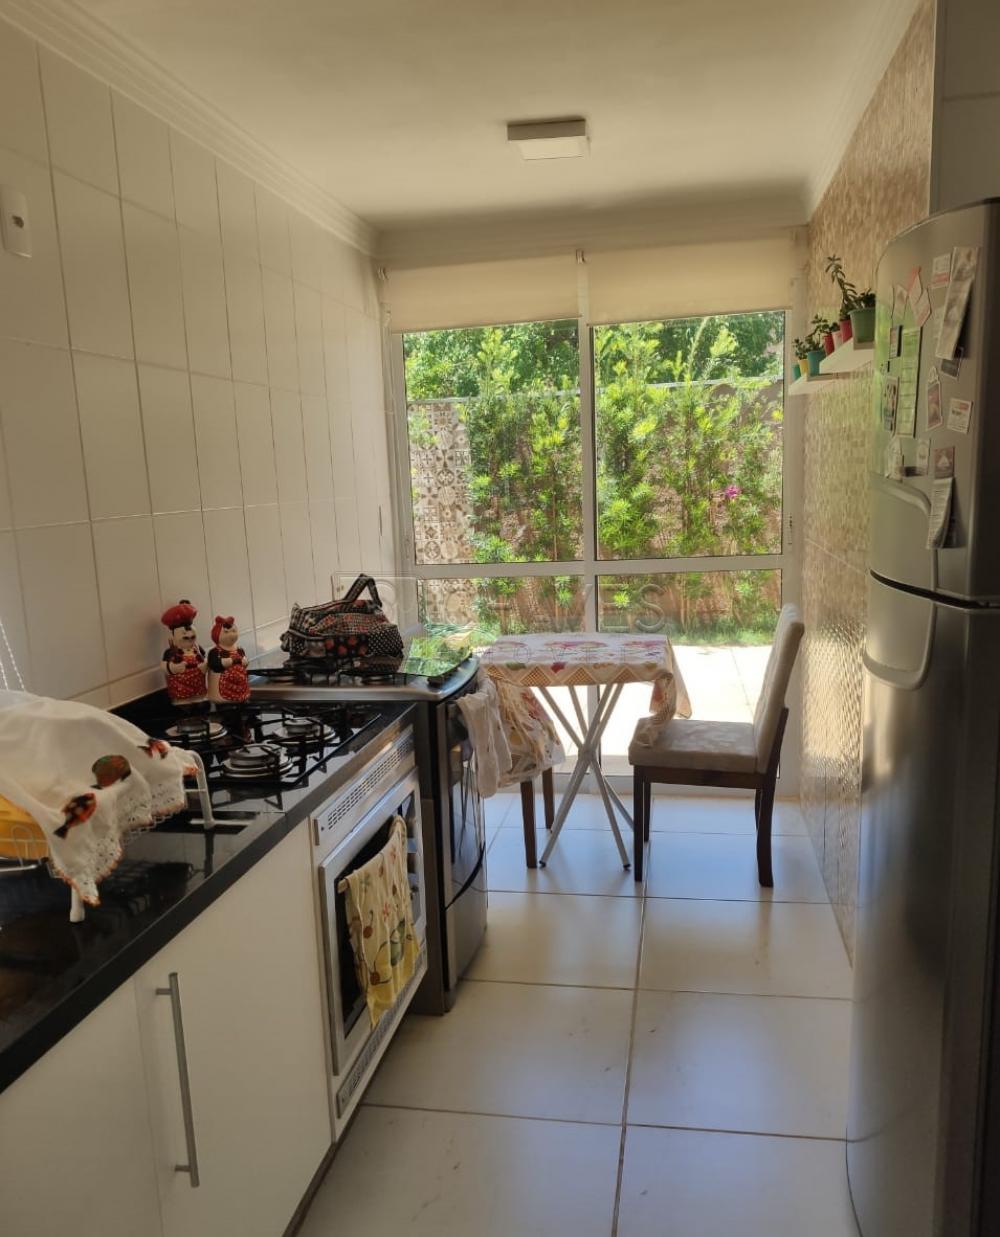 Comprar Casa / Condomínio em Ribeirão Preto apenas R$ 550.000,00 - Foto 4